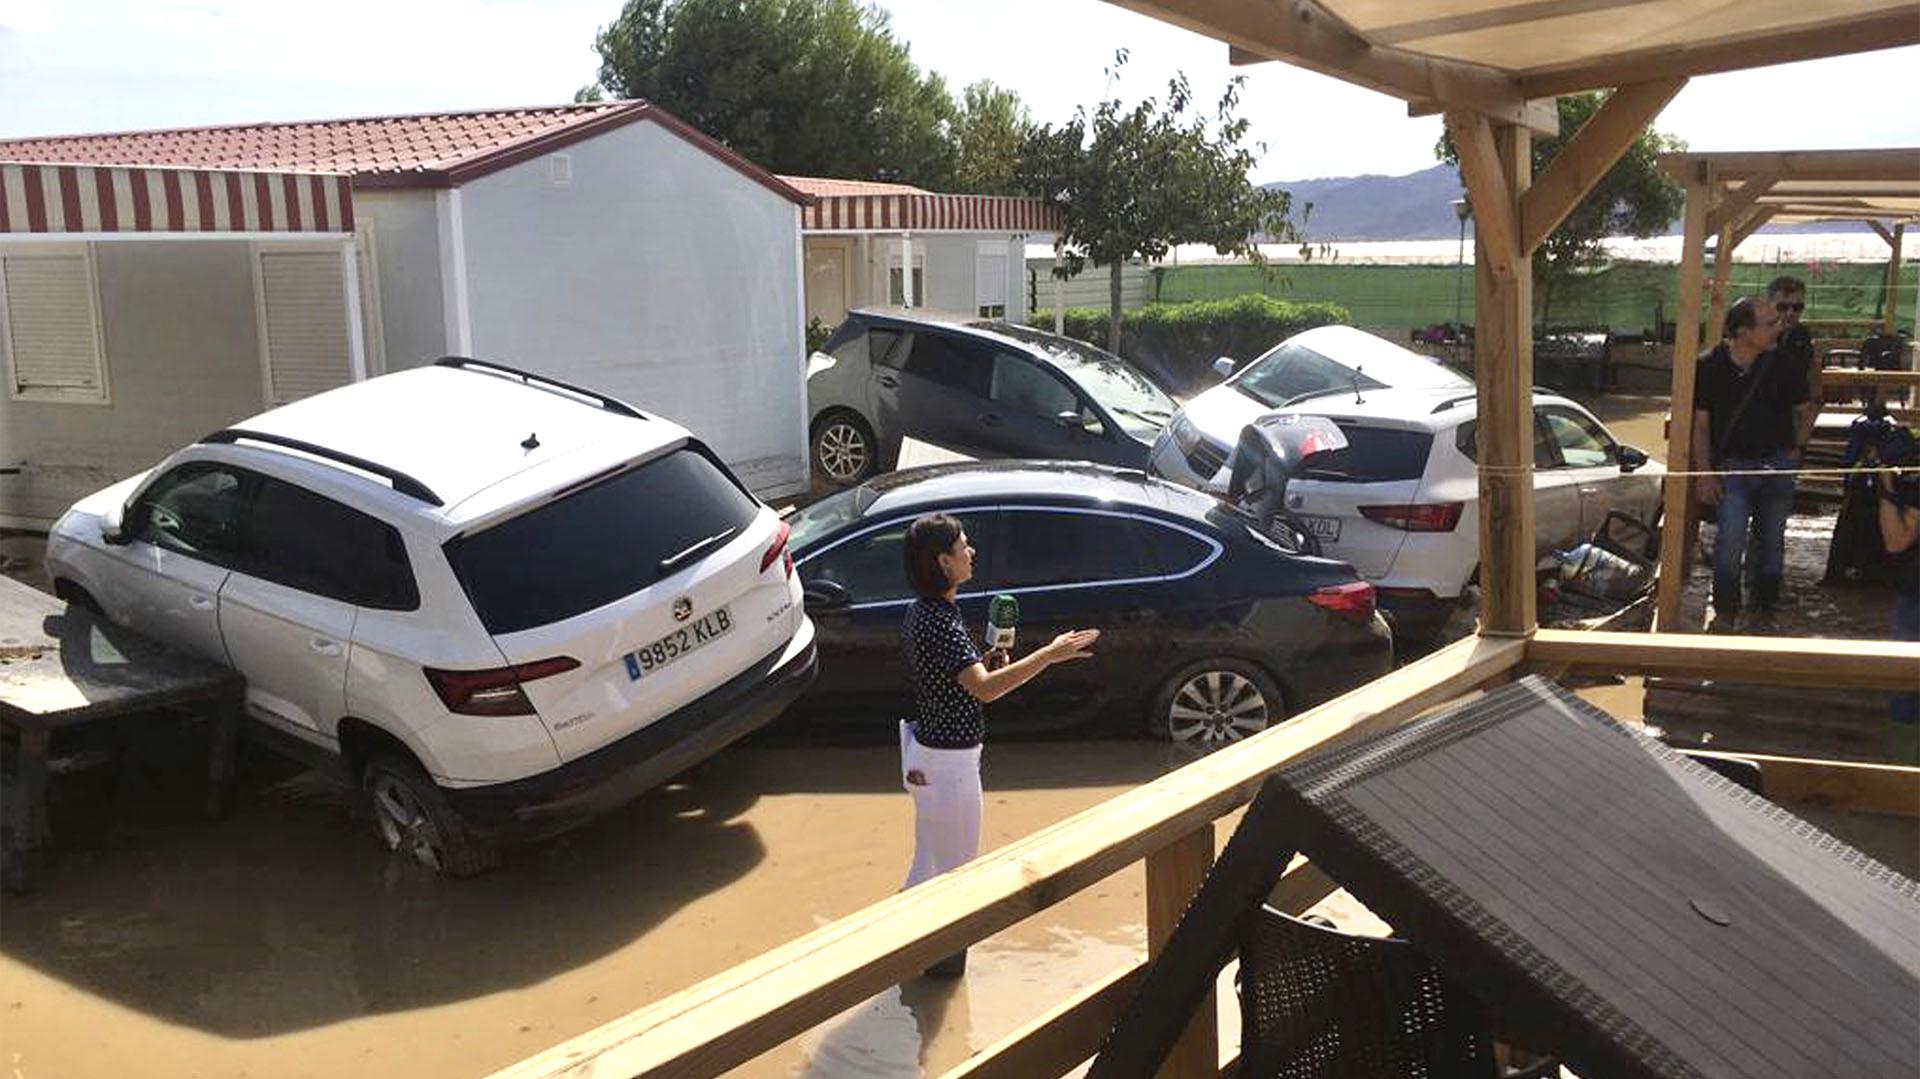 Una reportera de televisión informa desde un campamento inundado en el área de Cabo de Gata, cerca de Ruescas, Almería (Foto AP/Serge Carthwright)